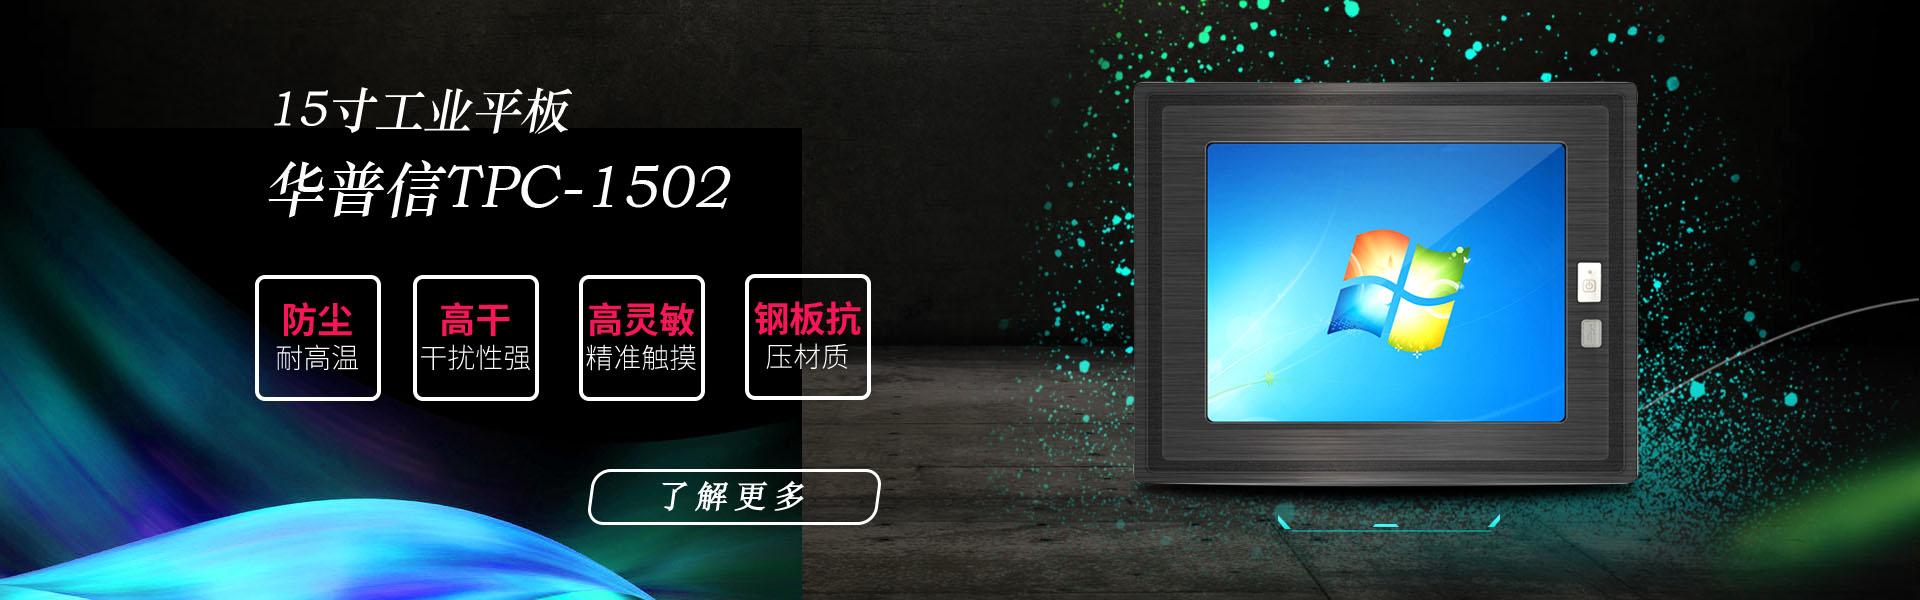 华普信15寸工业平板电脑TPC-1502